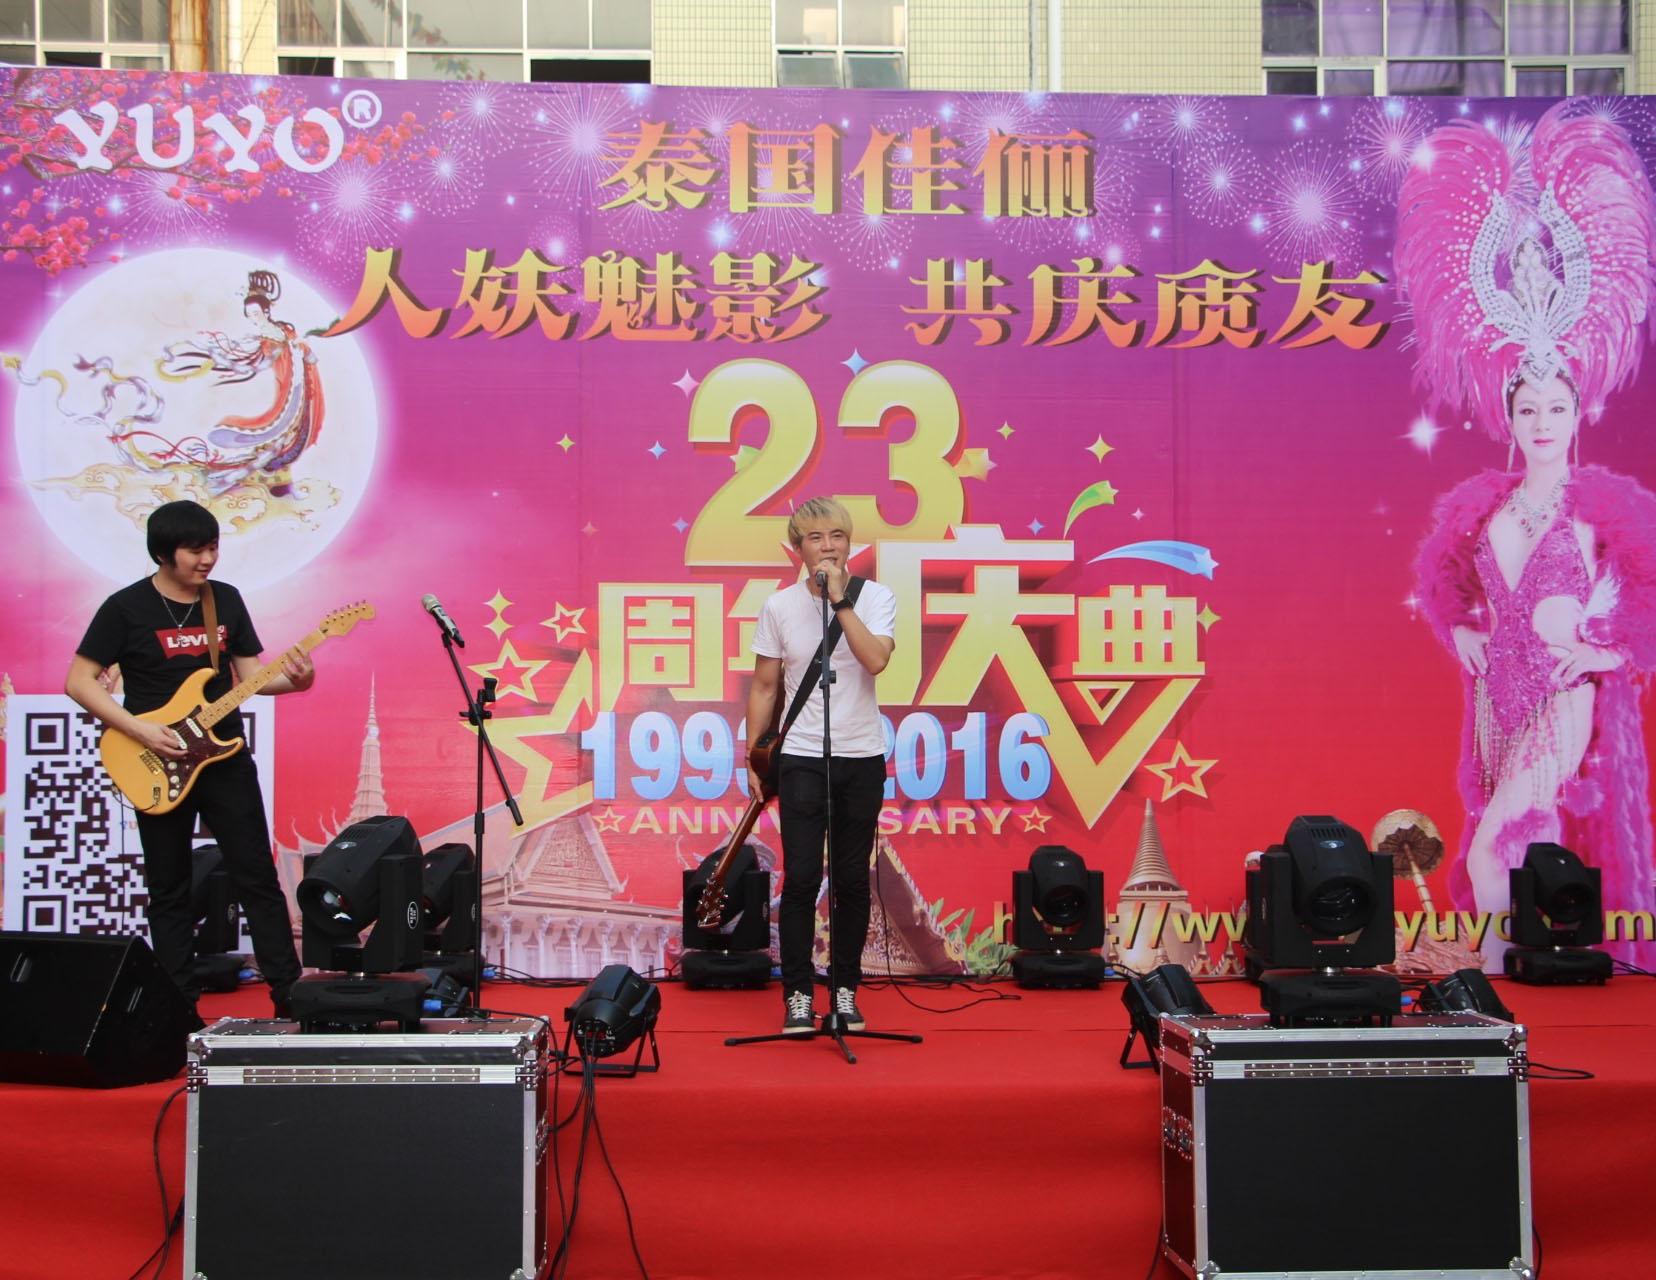 2016年公司23周年庆典现场(一)